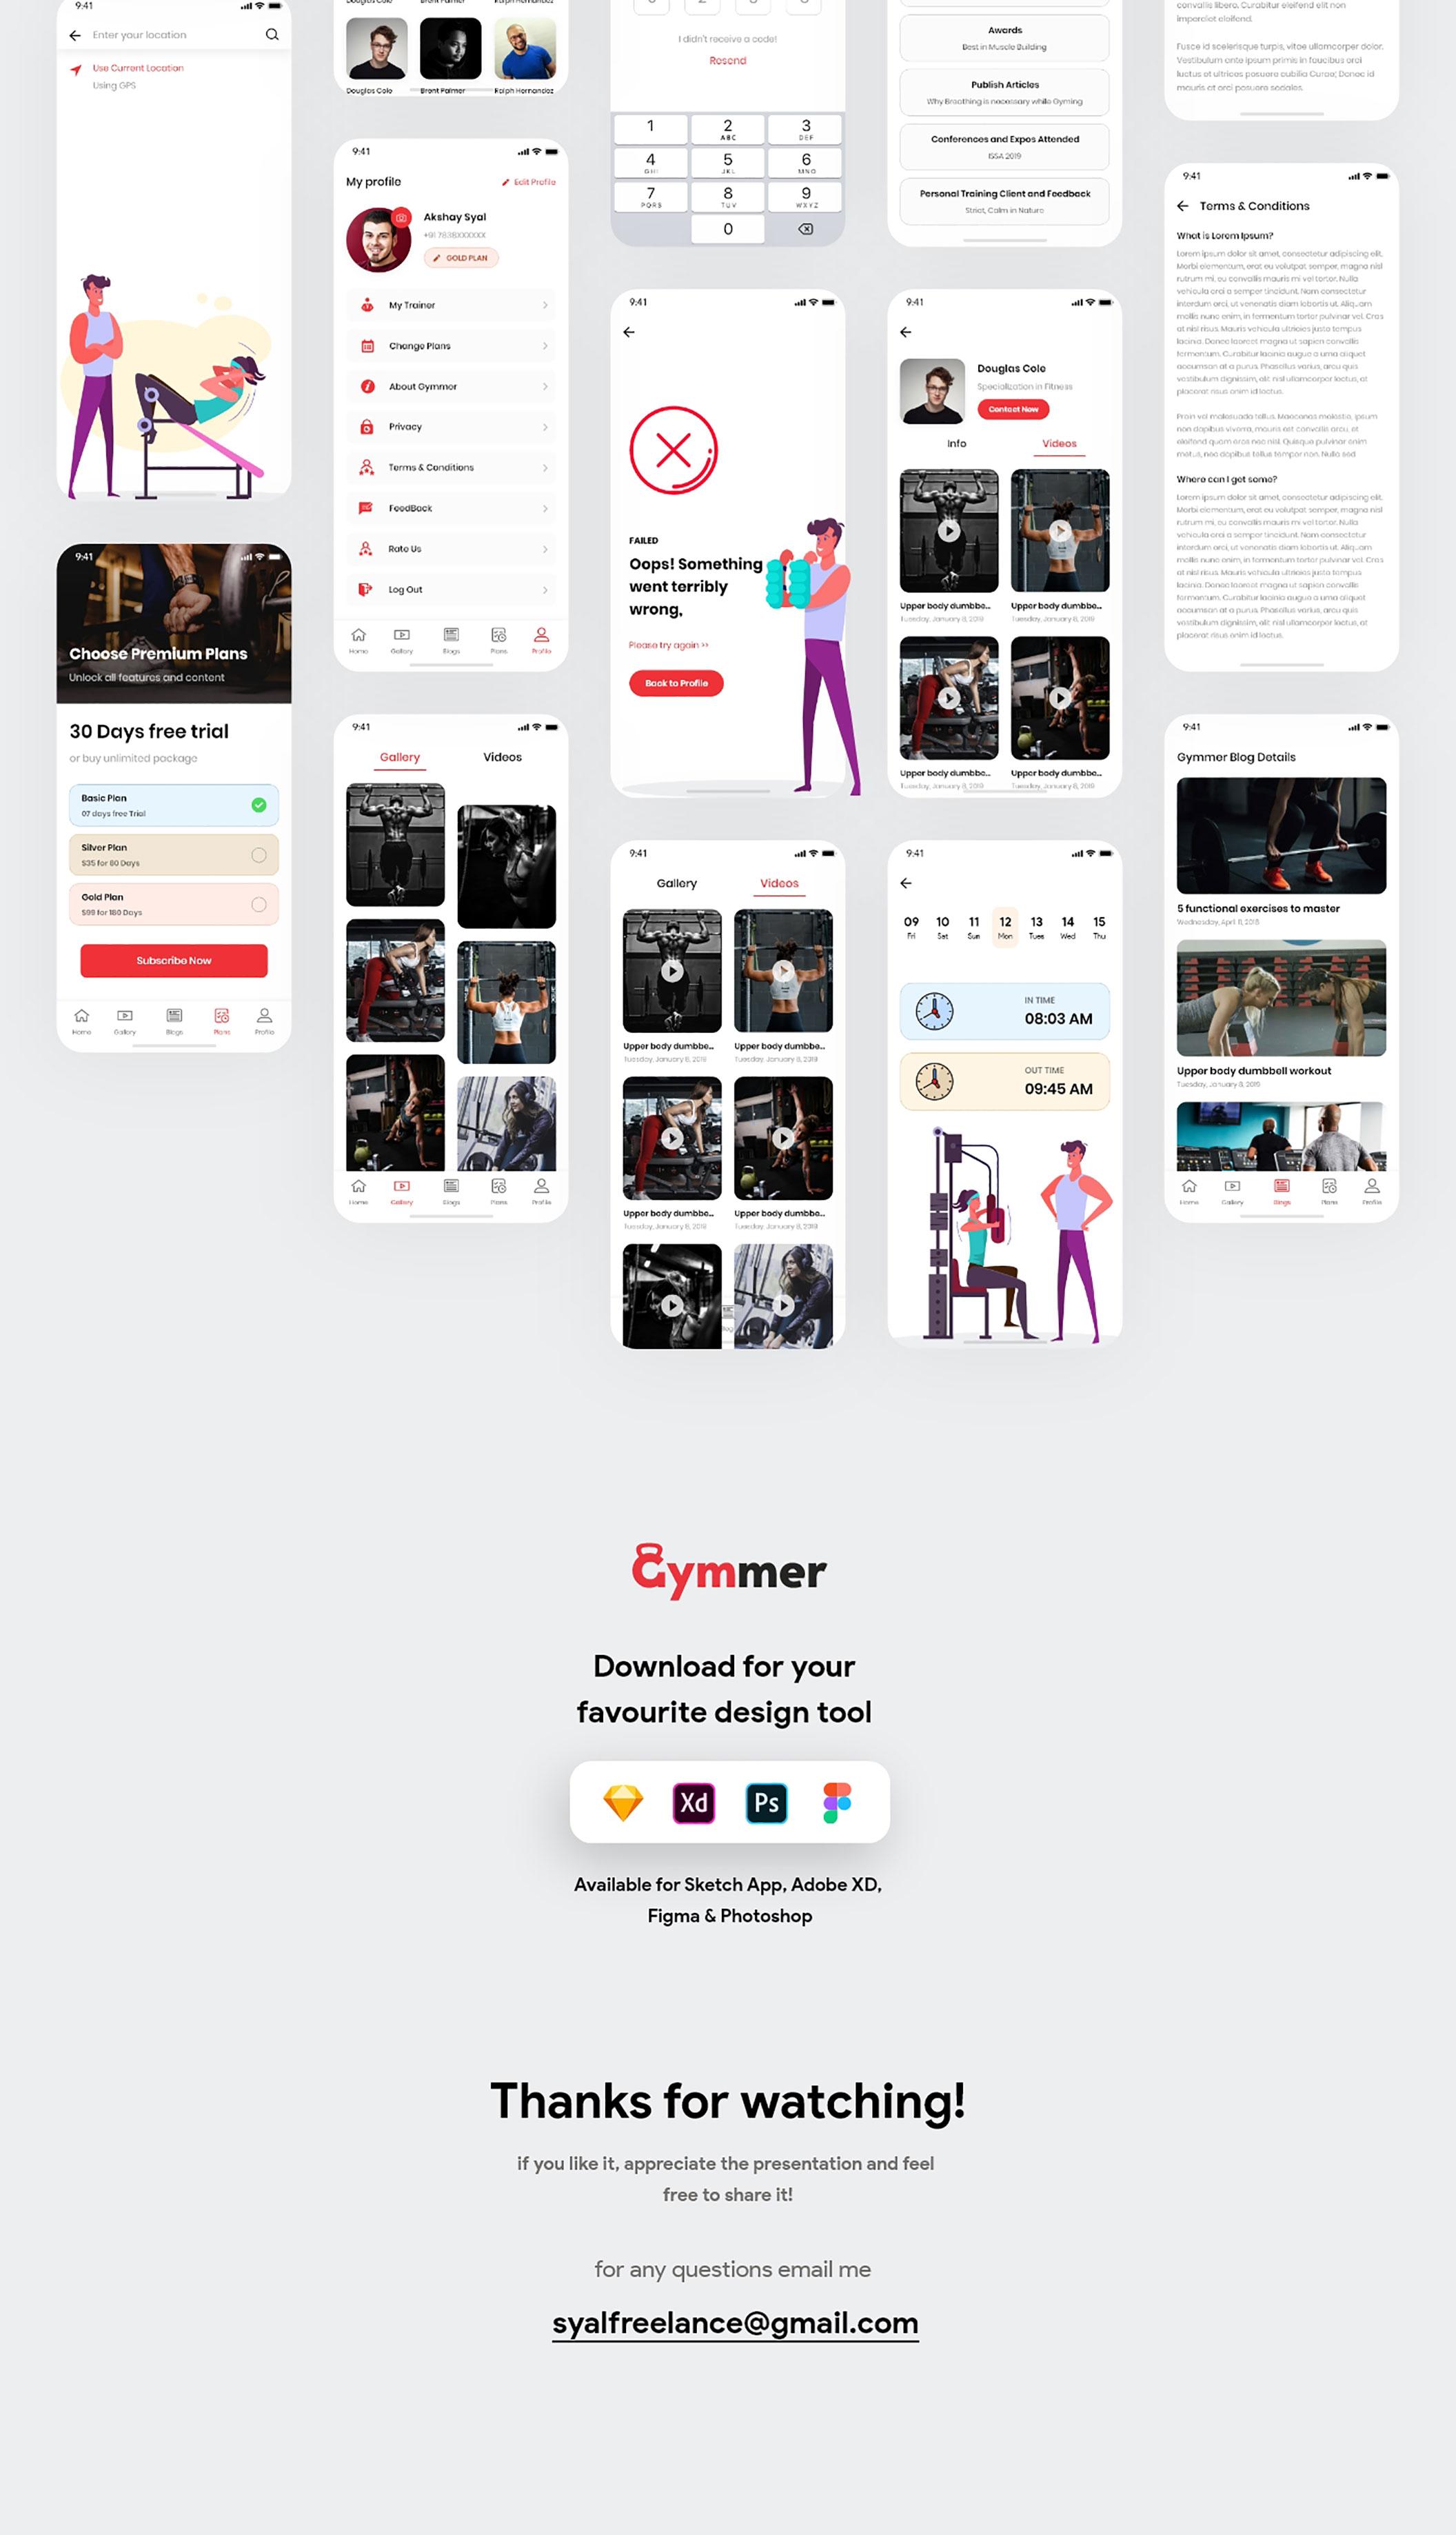 体育锻炼健身应用程序APP UI套件 Gymmer UI Kit插图(6)